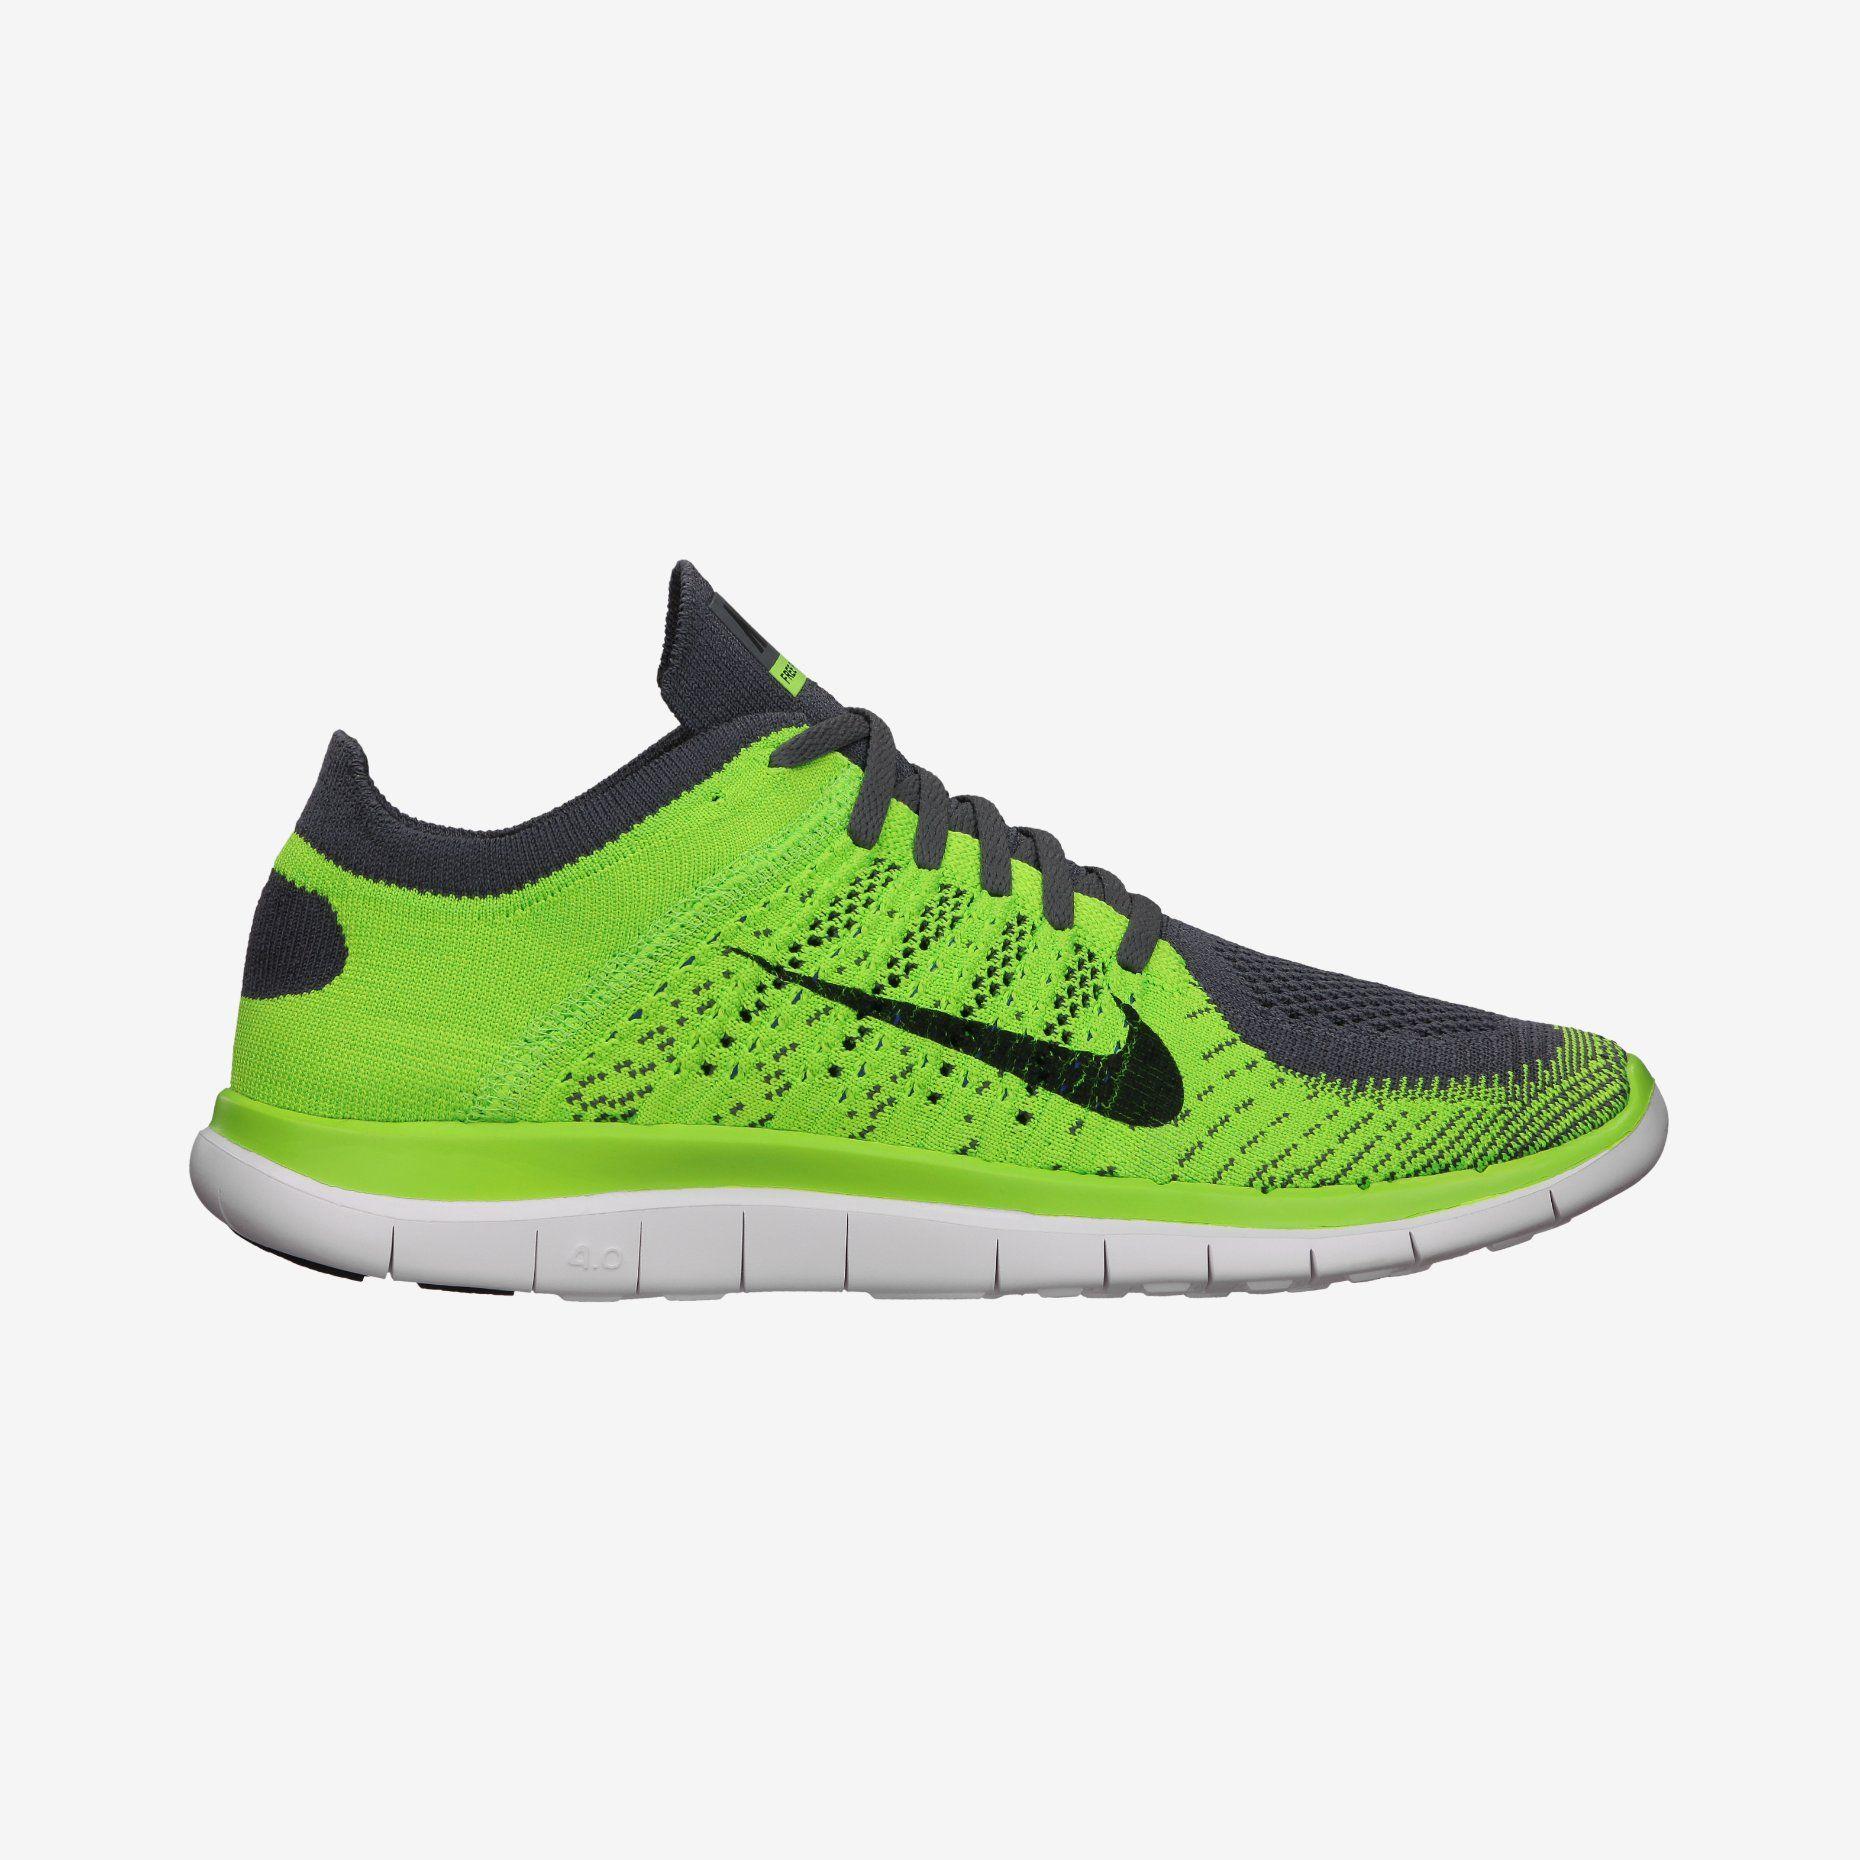 Nike Free 4.0 Flyknit 2014 (Men's)